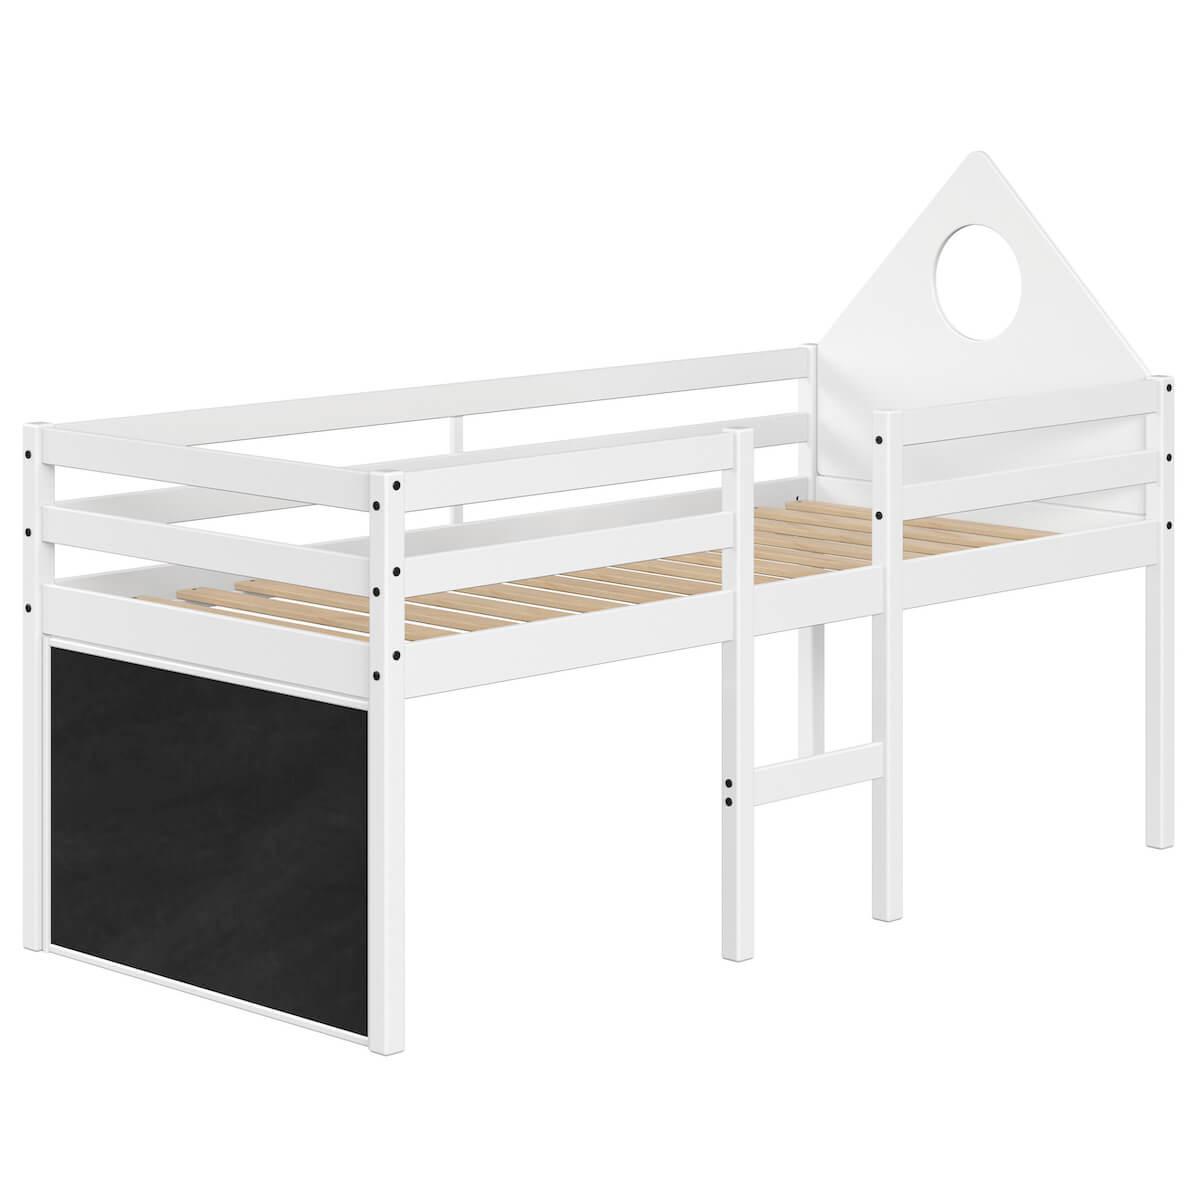 Lit mi hauteur 200x90cm tête de lit ALFRED Flexa full white